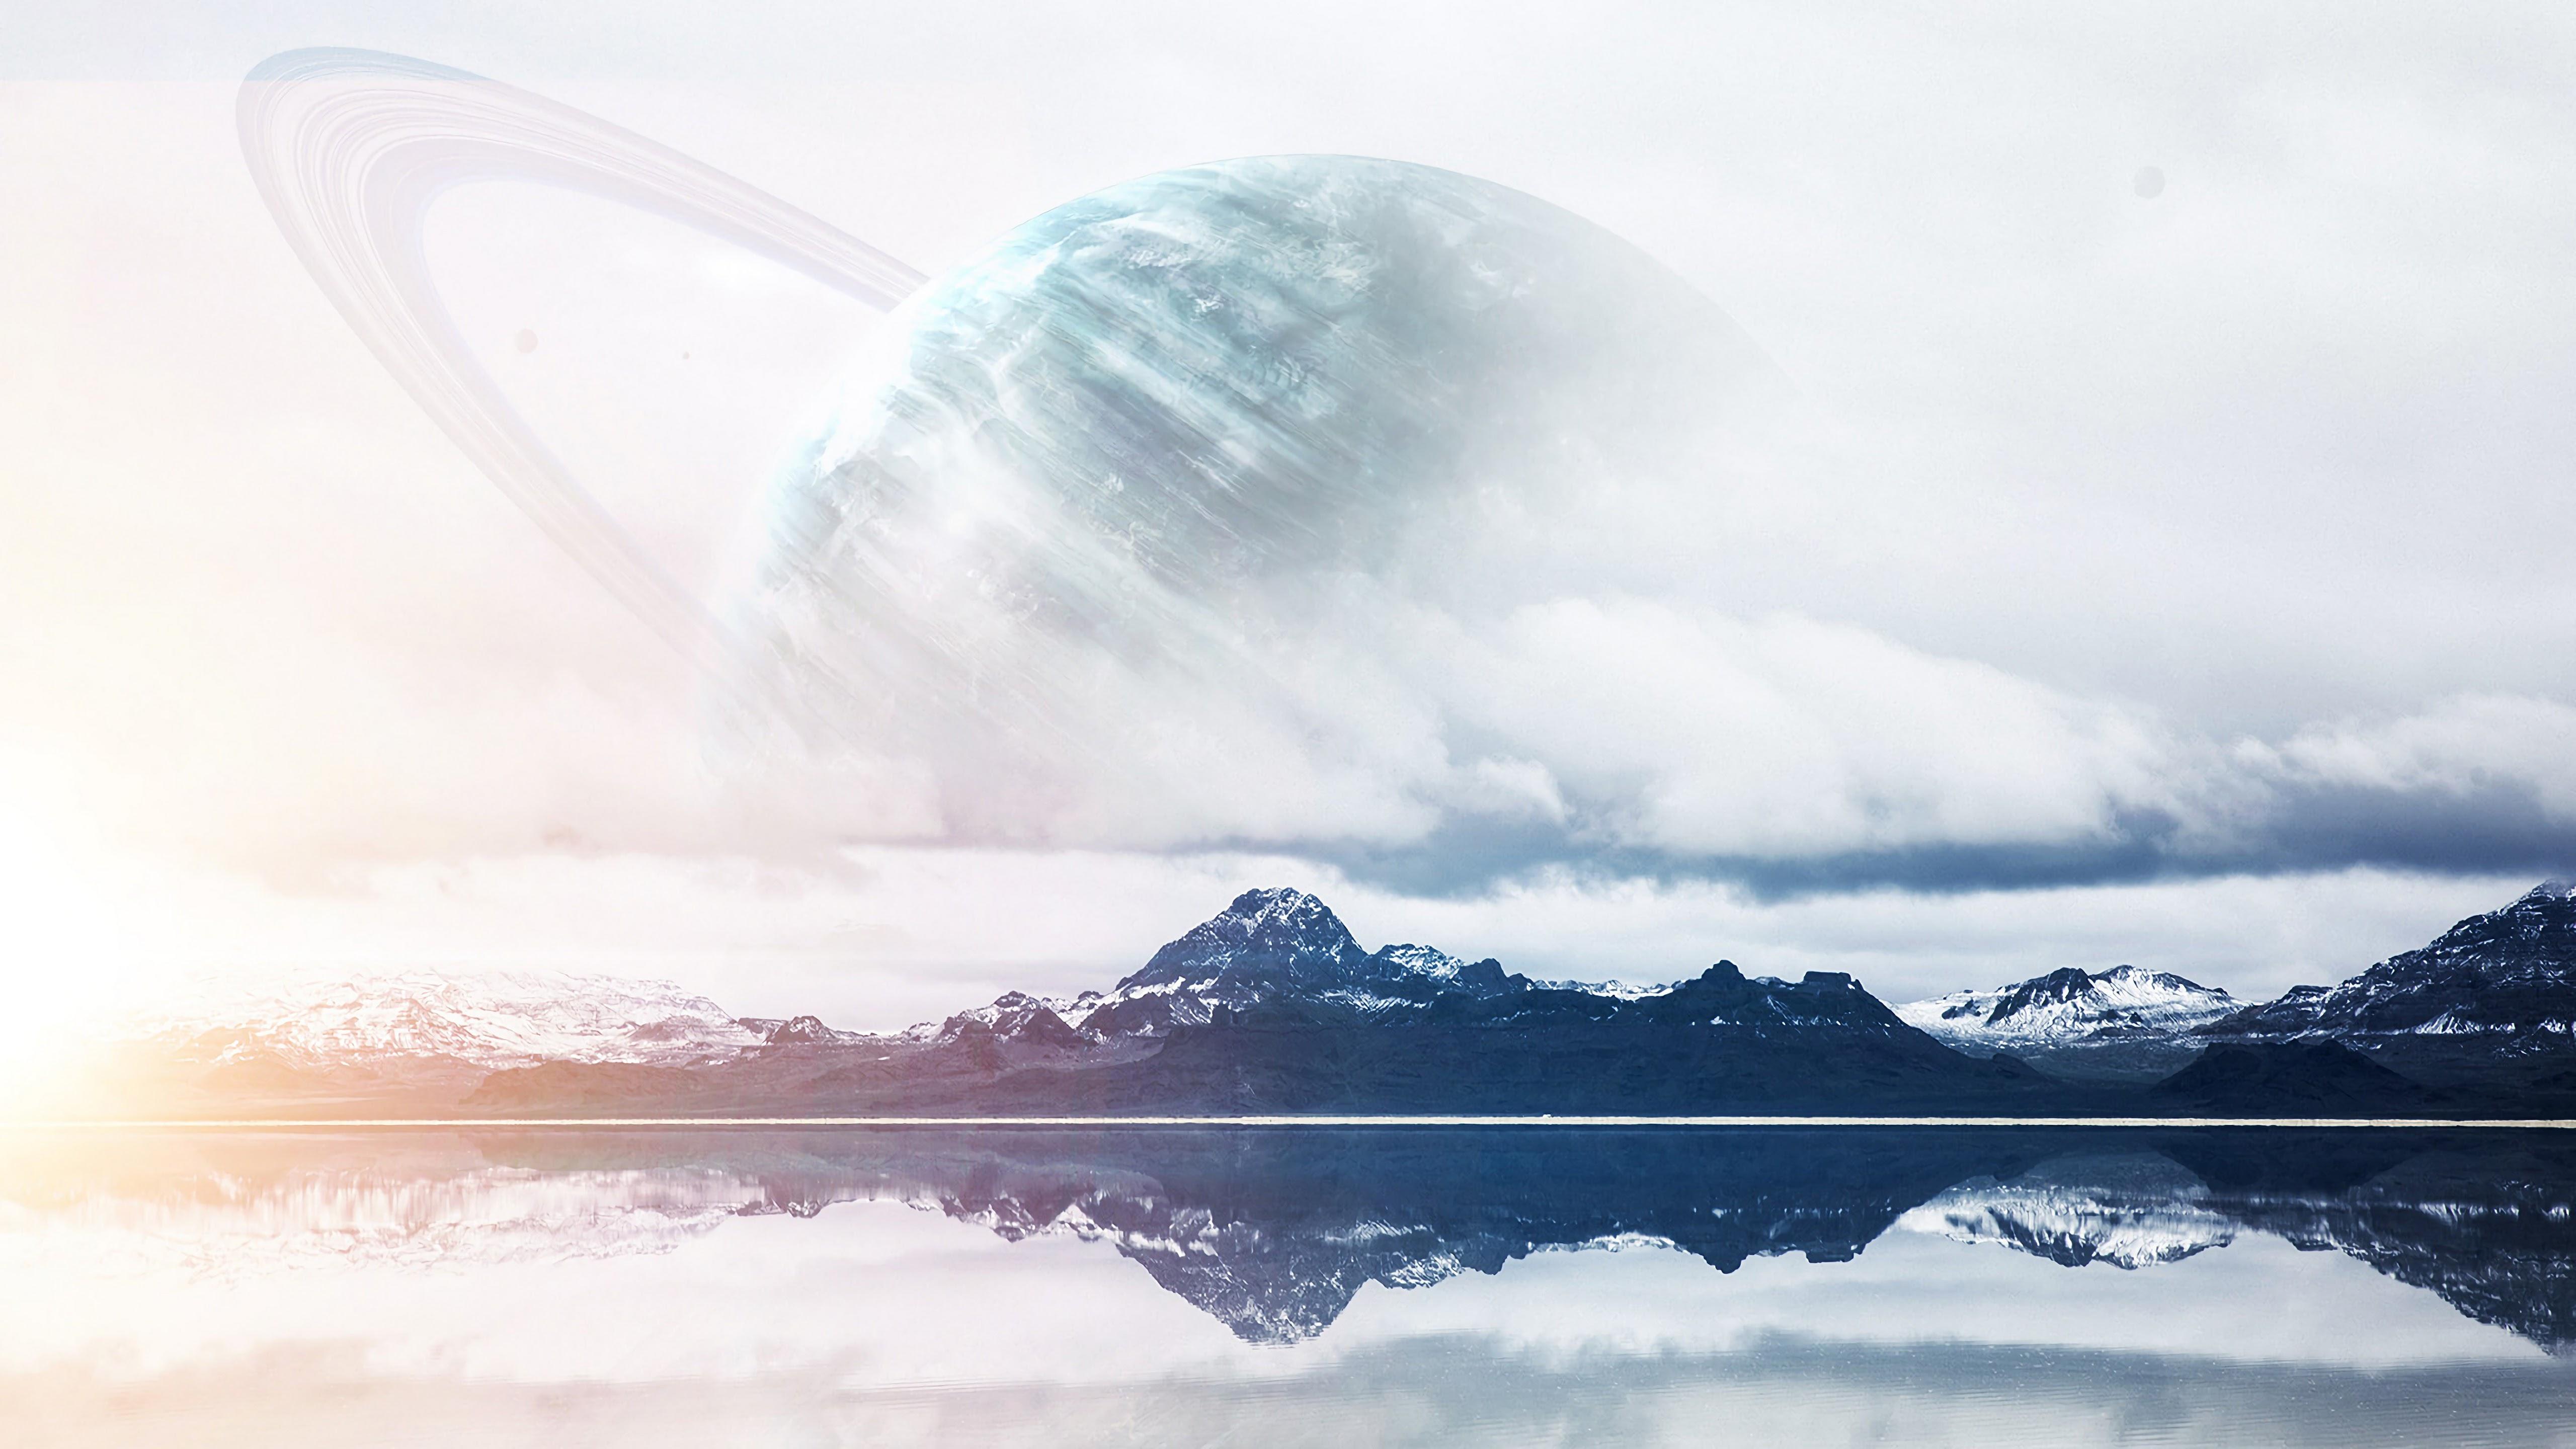 Fondos de pantalla Montañas con planeta de fondo neblina